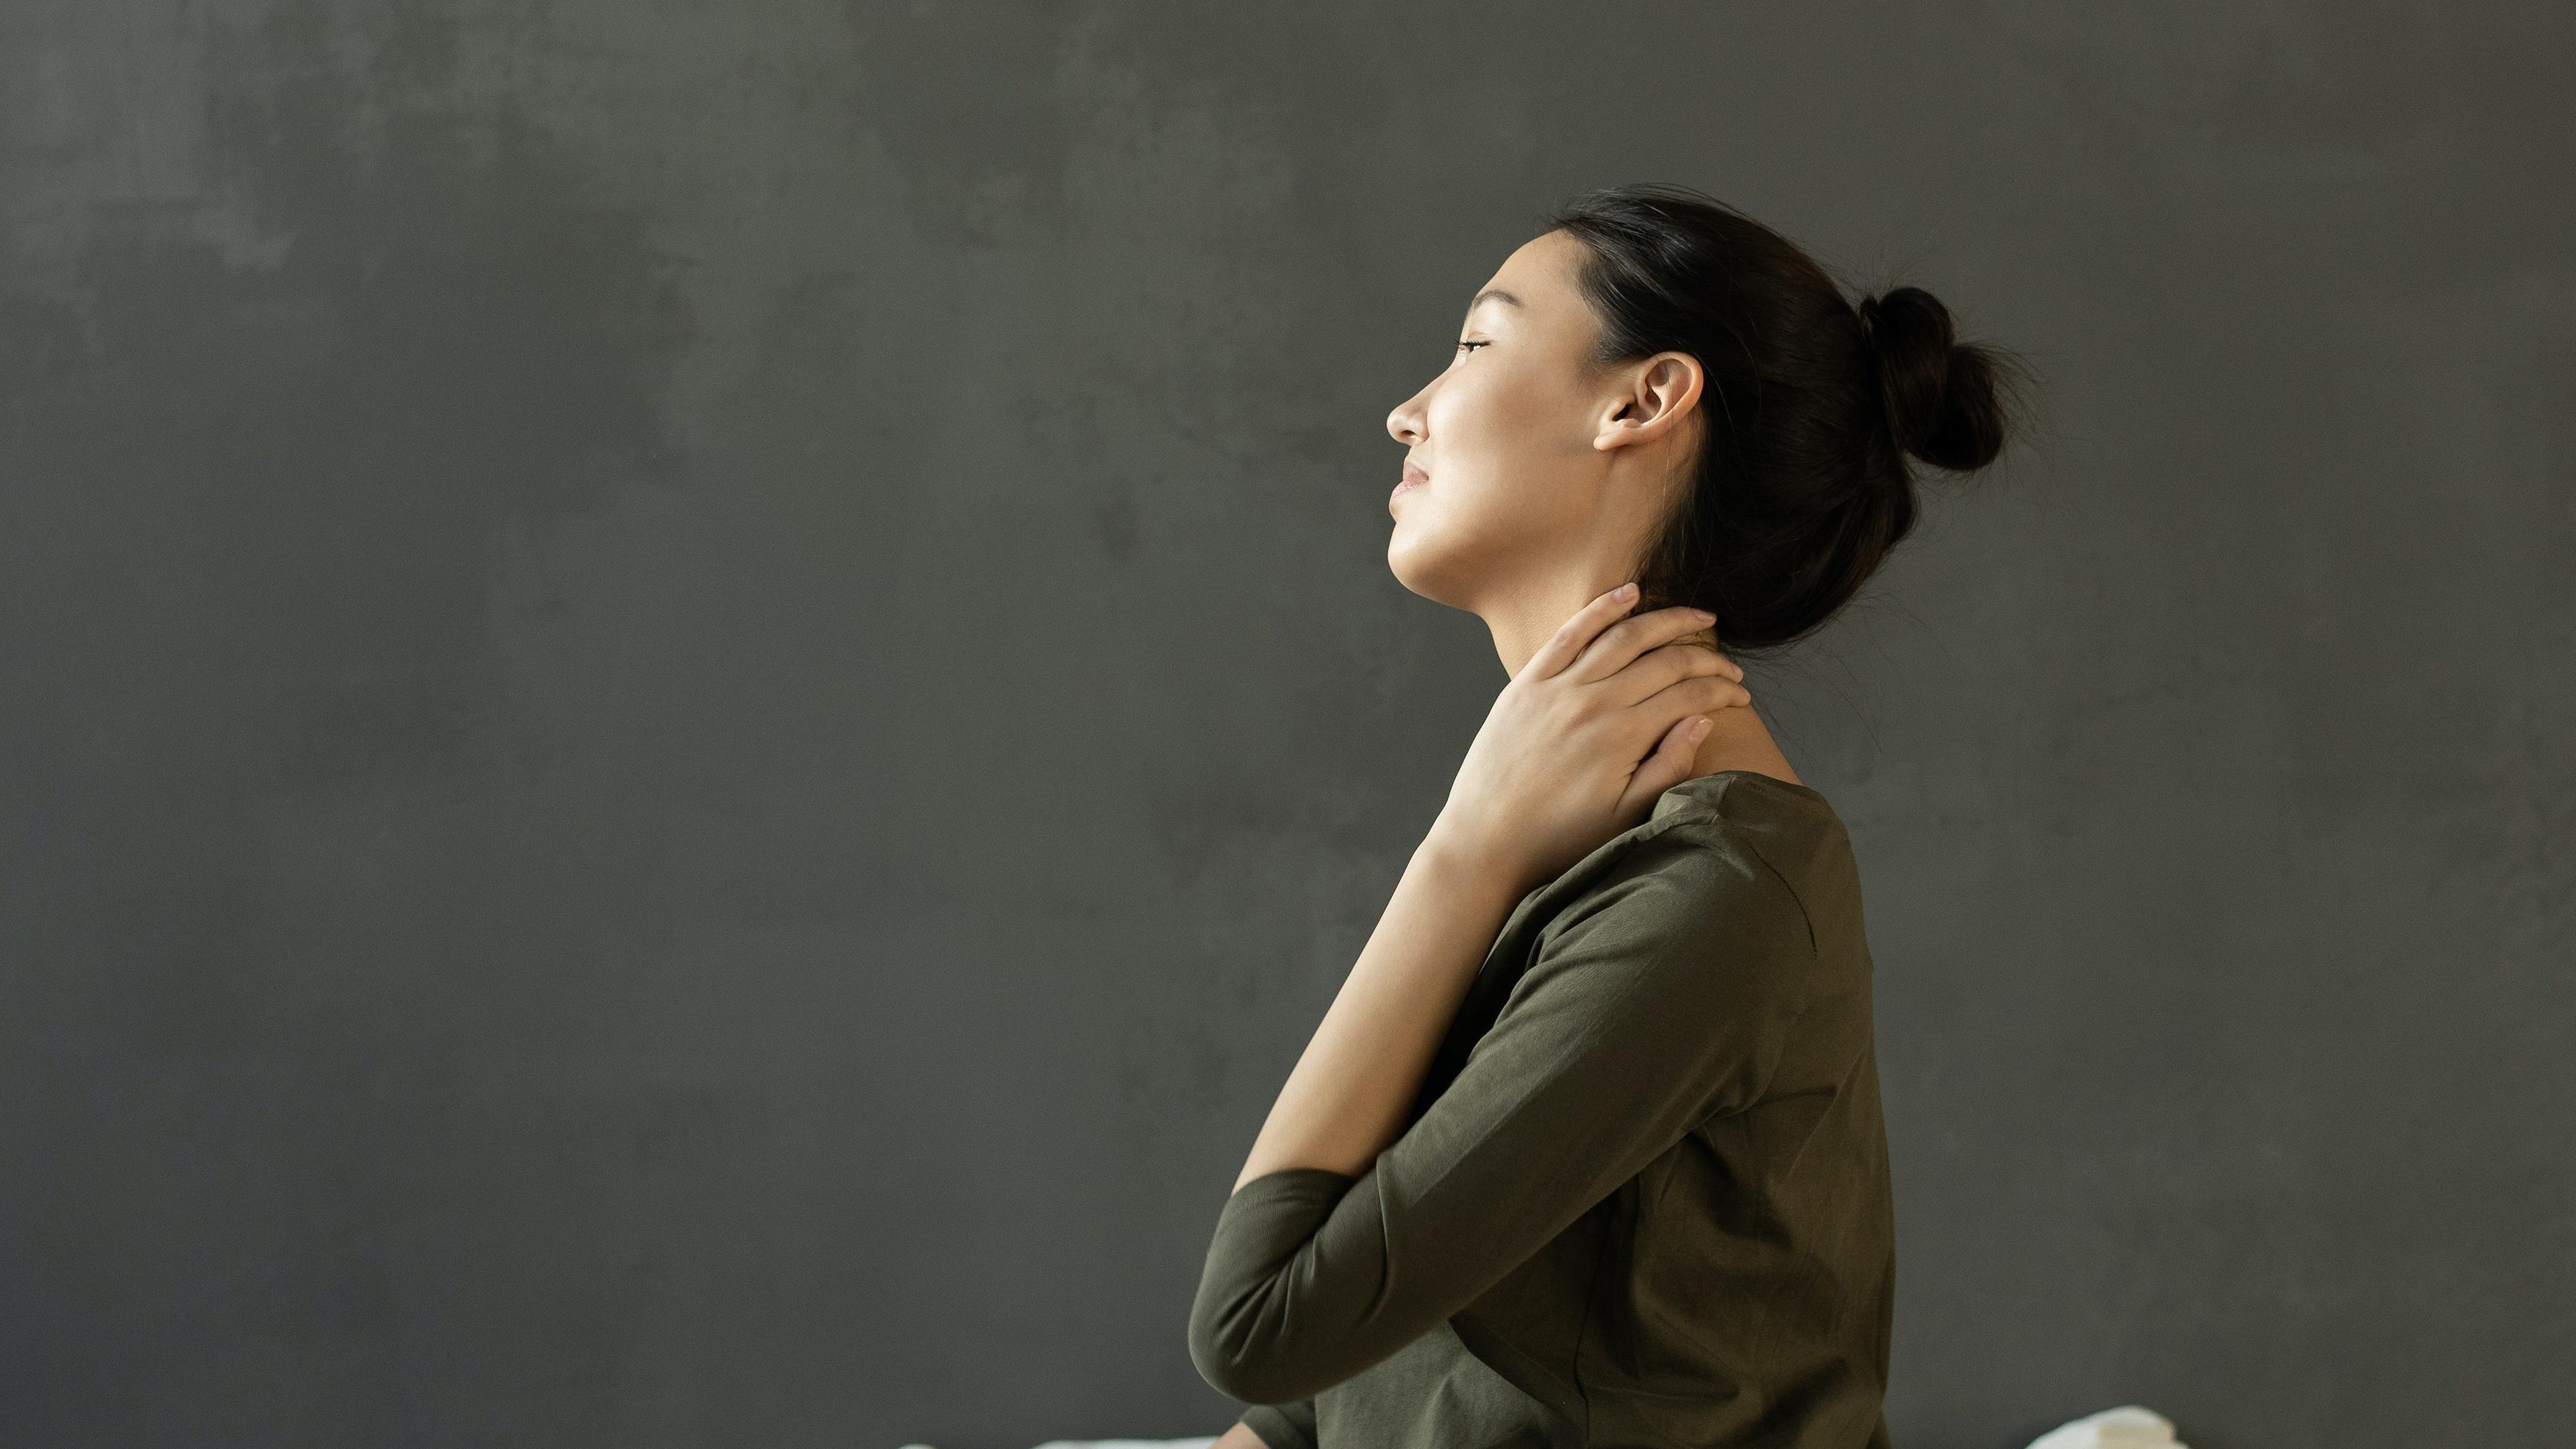 Wie der Ausschlag am Hals am besten behandelt wird, hängt von der Ursache des Hautausschlags ab.